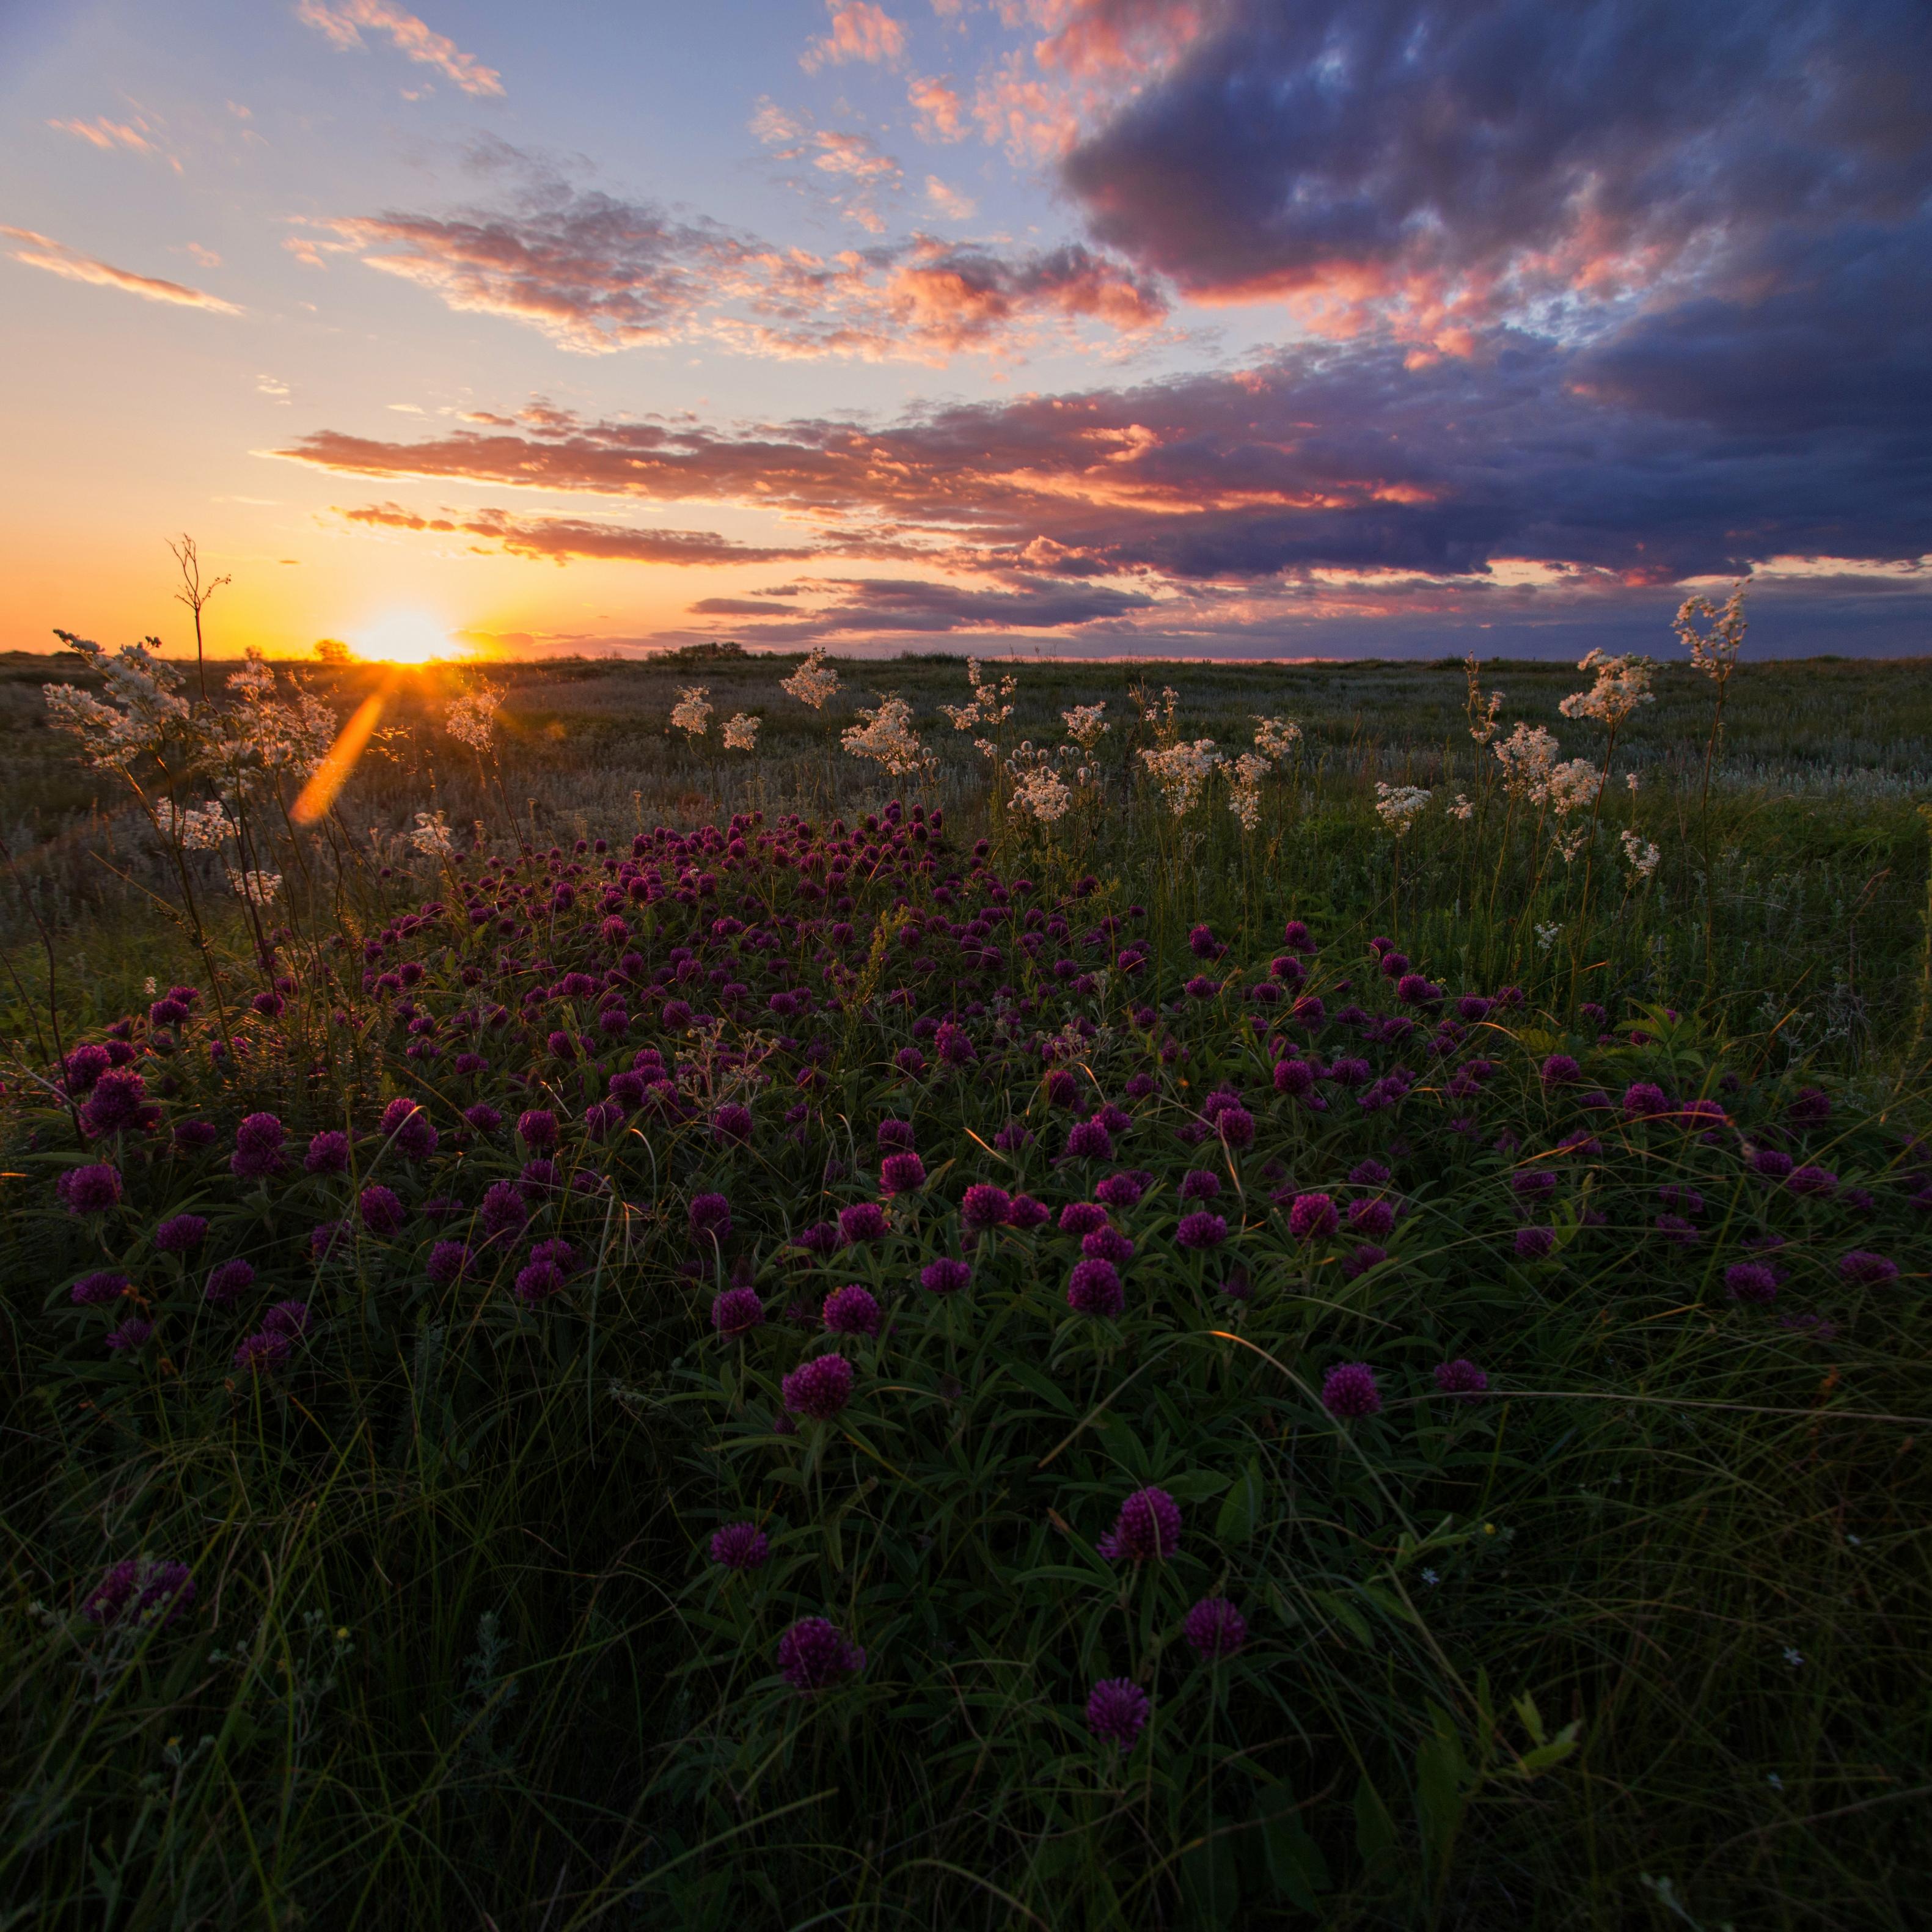 Розовый закат | Природа | Фотография #155132